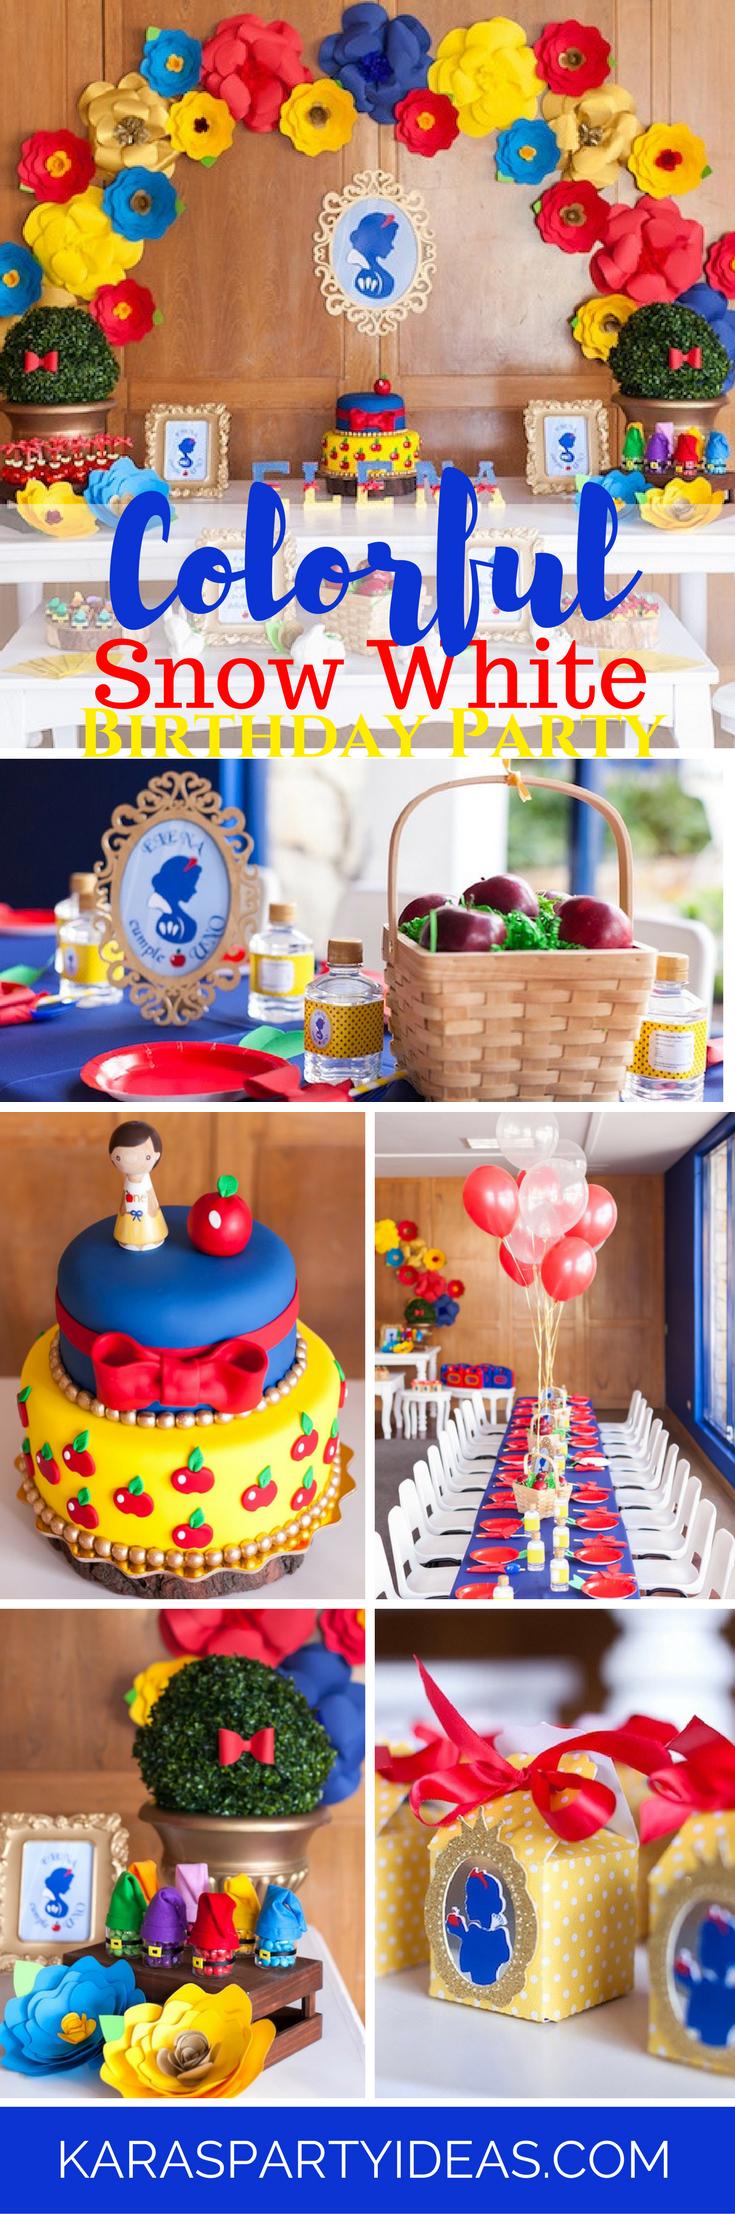 Karas Party Ideas Colorful Snow White Birthday Party Karas Party